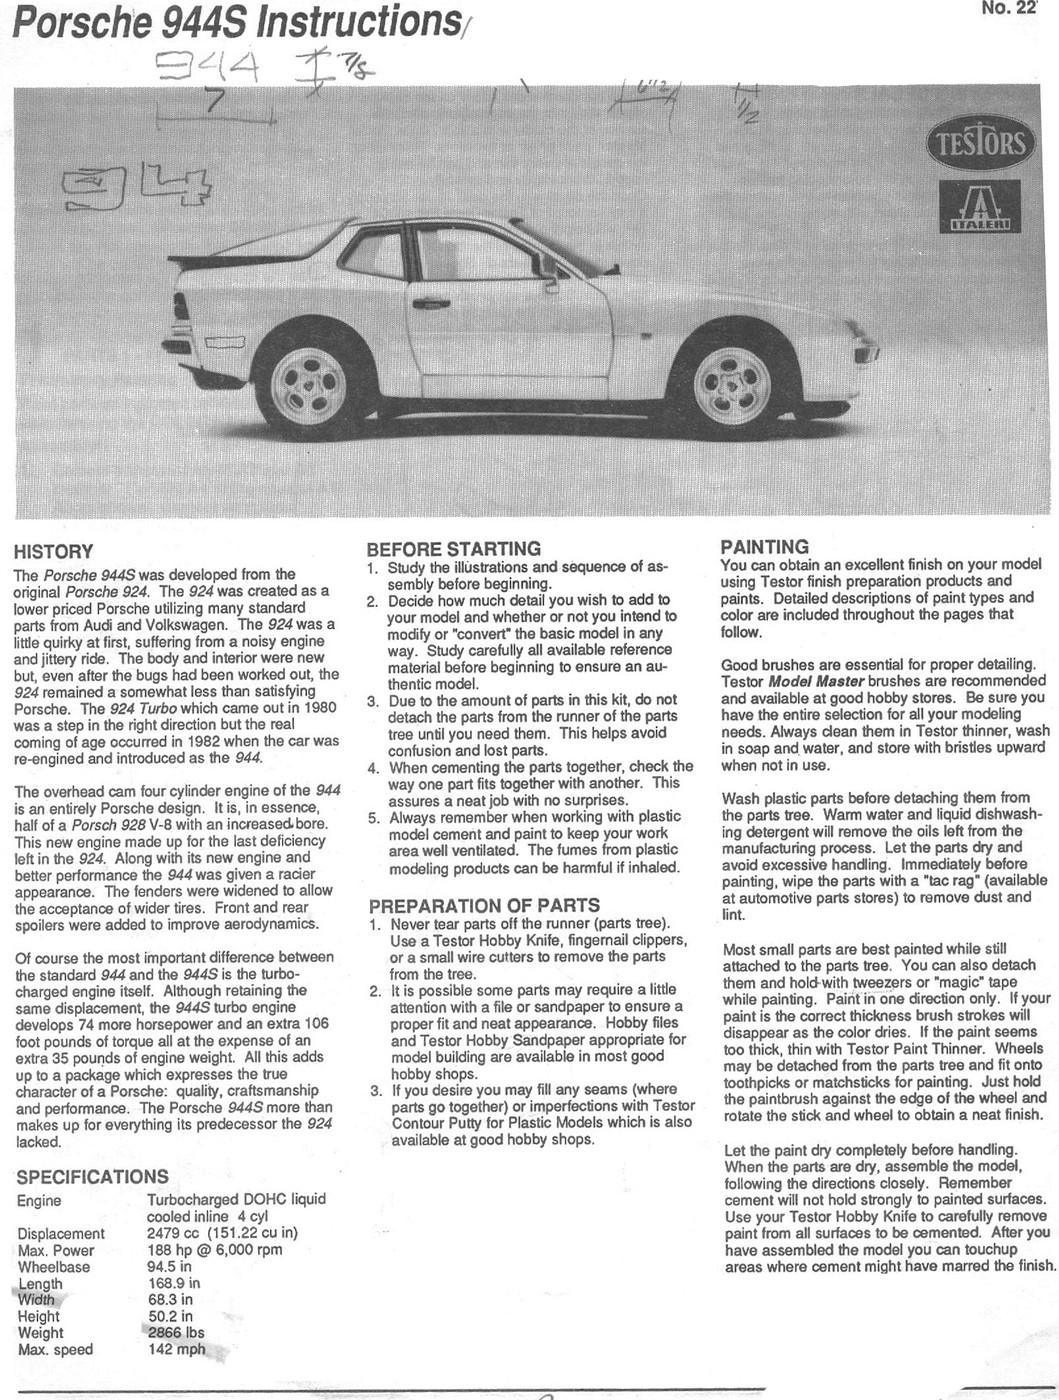 Testors-Italeri Porsche 944S0001